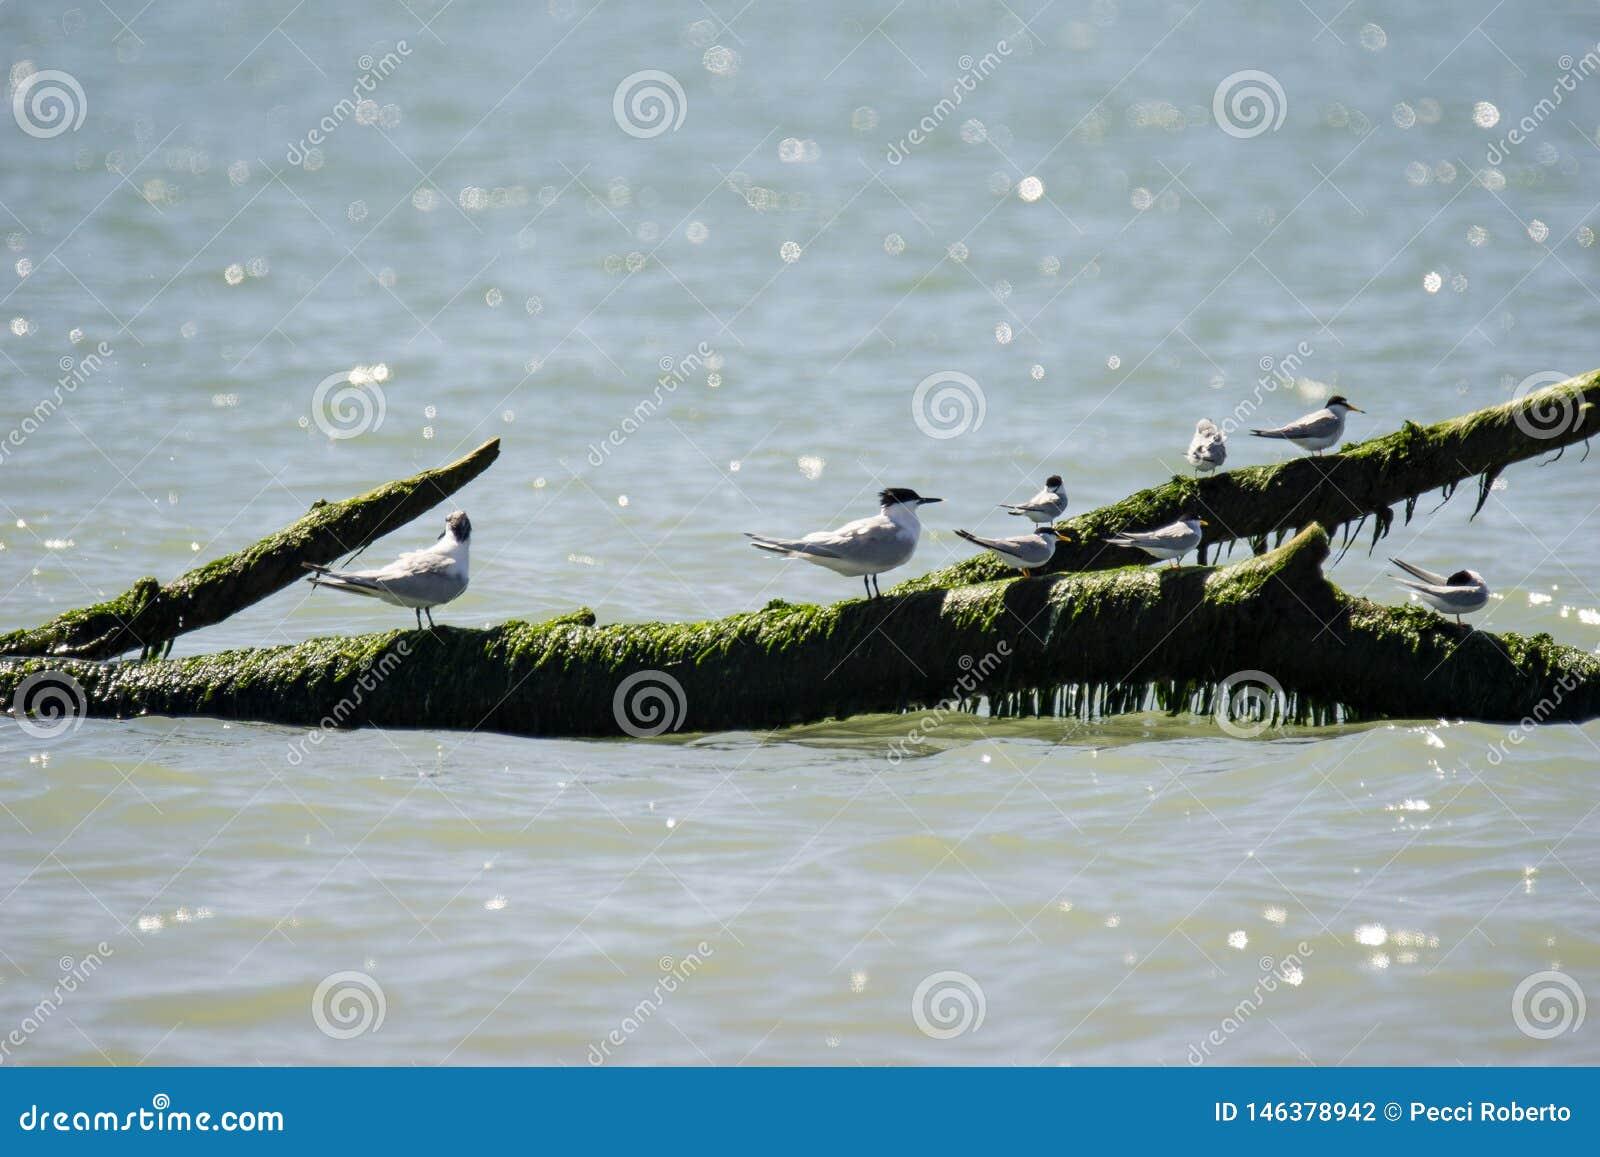 Italien Toskana Maremma, auf dem Strand in Richtung zum Mund von Ombrone, Seev?gel stehen auf einem Baumstamm im Meer still